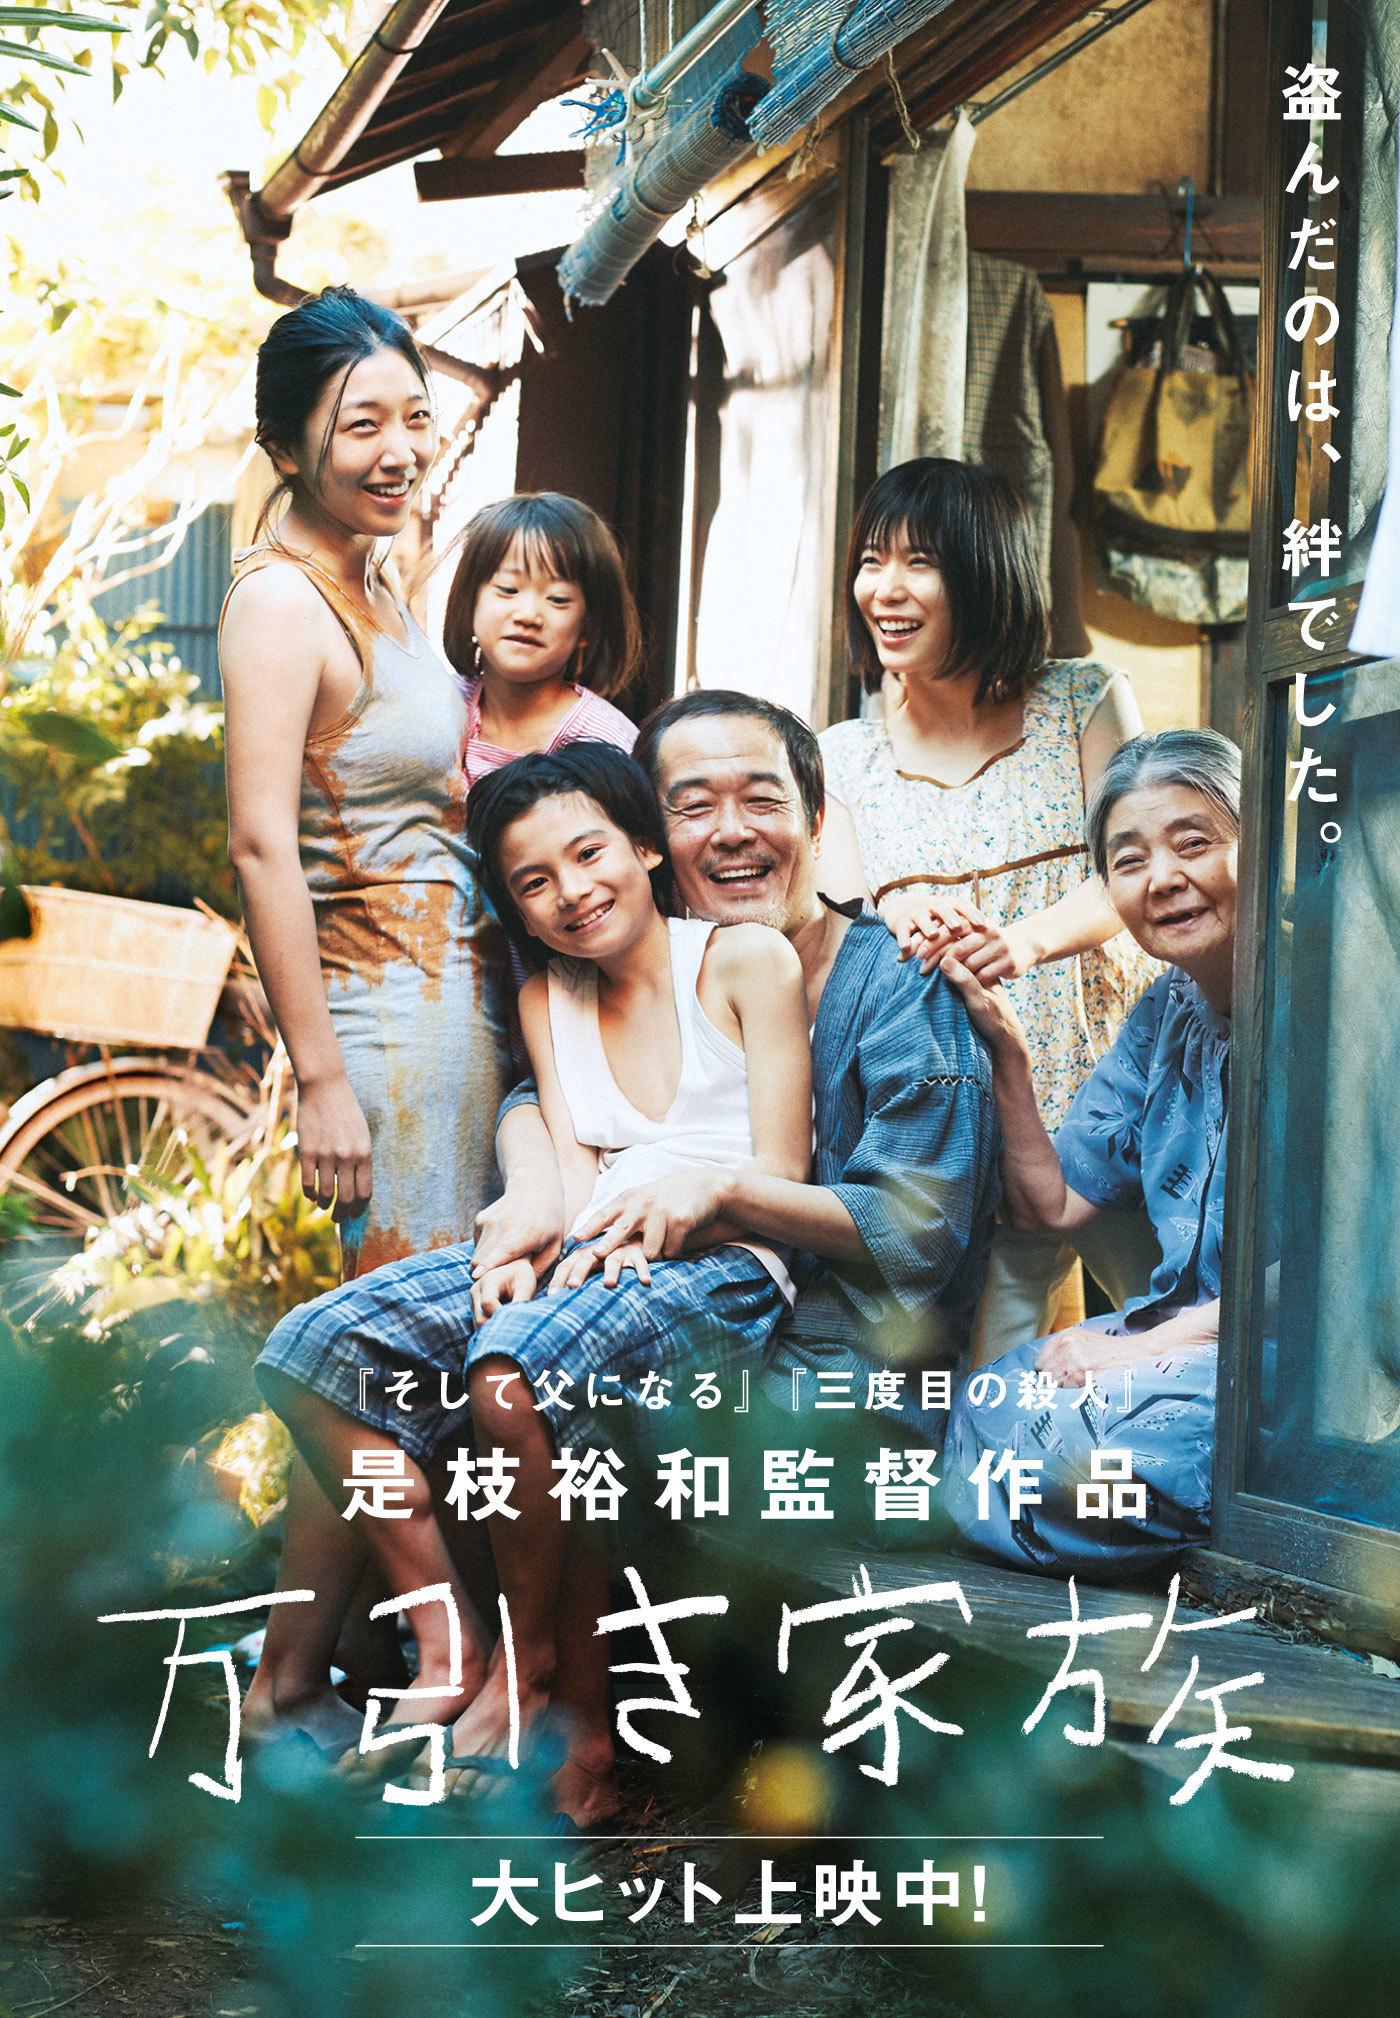 『万引き家族』ポスター画像(大ヒット上映中バージョン)